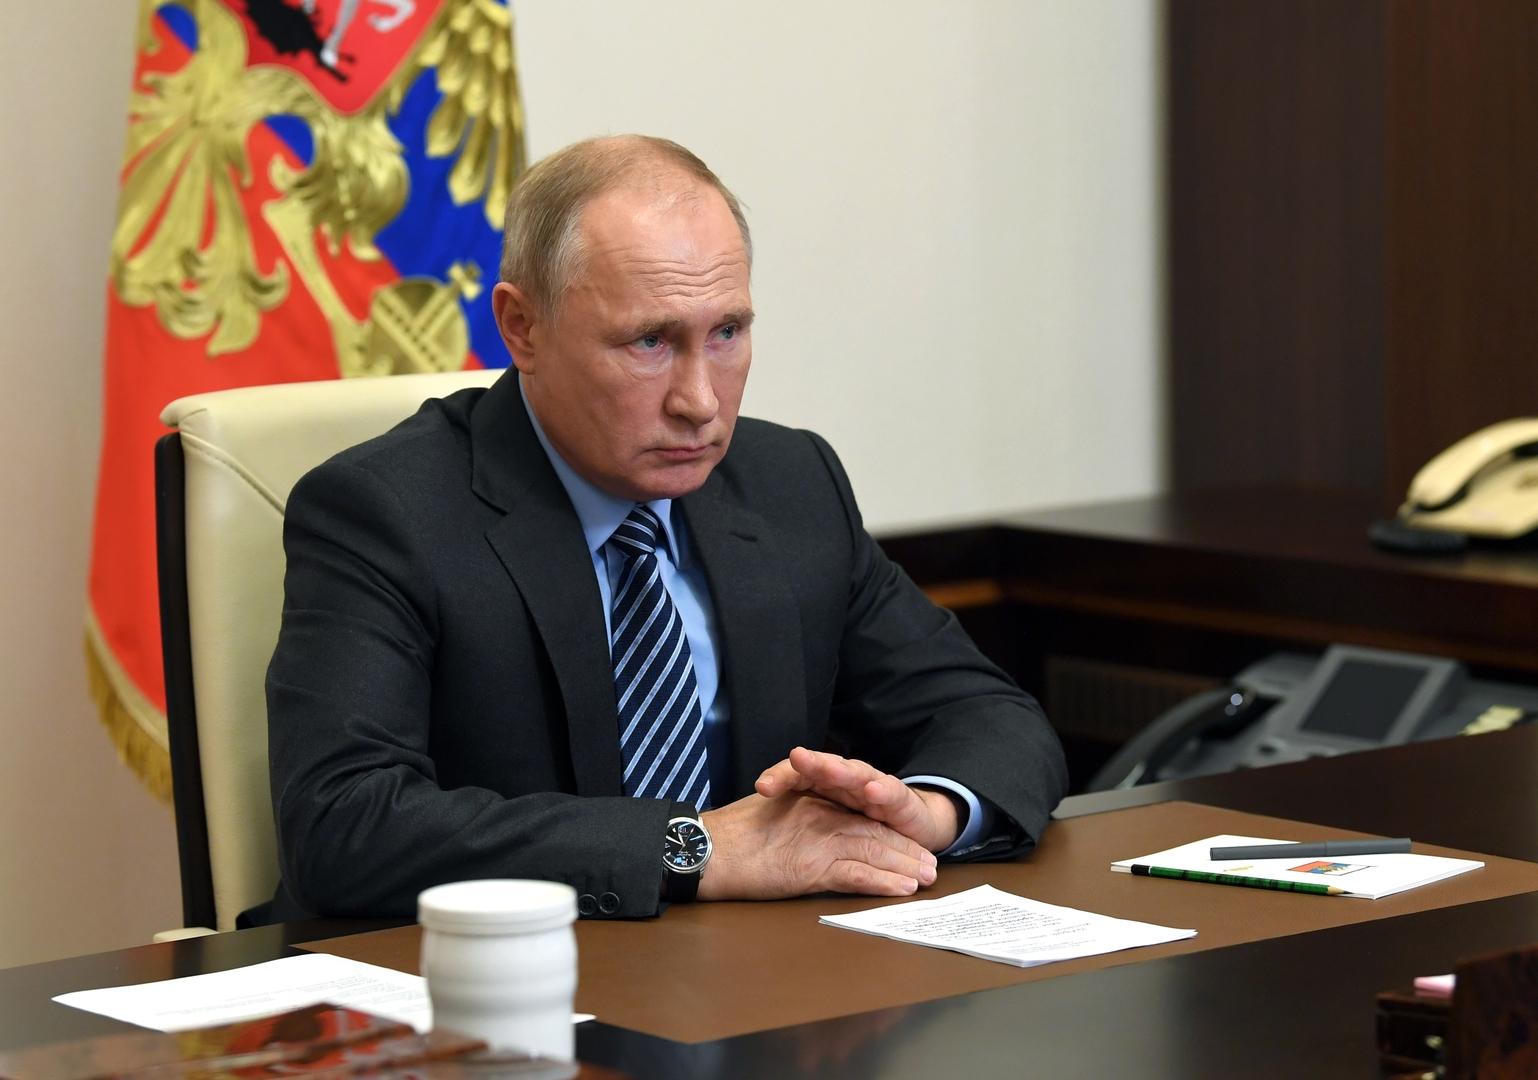 بوتين: وقف الأعمال القتالية في قره باغ بشكل كامل والتصعيد أودى بحياة أكثر من 4000 شخص